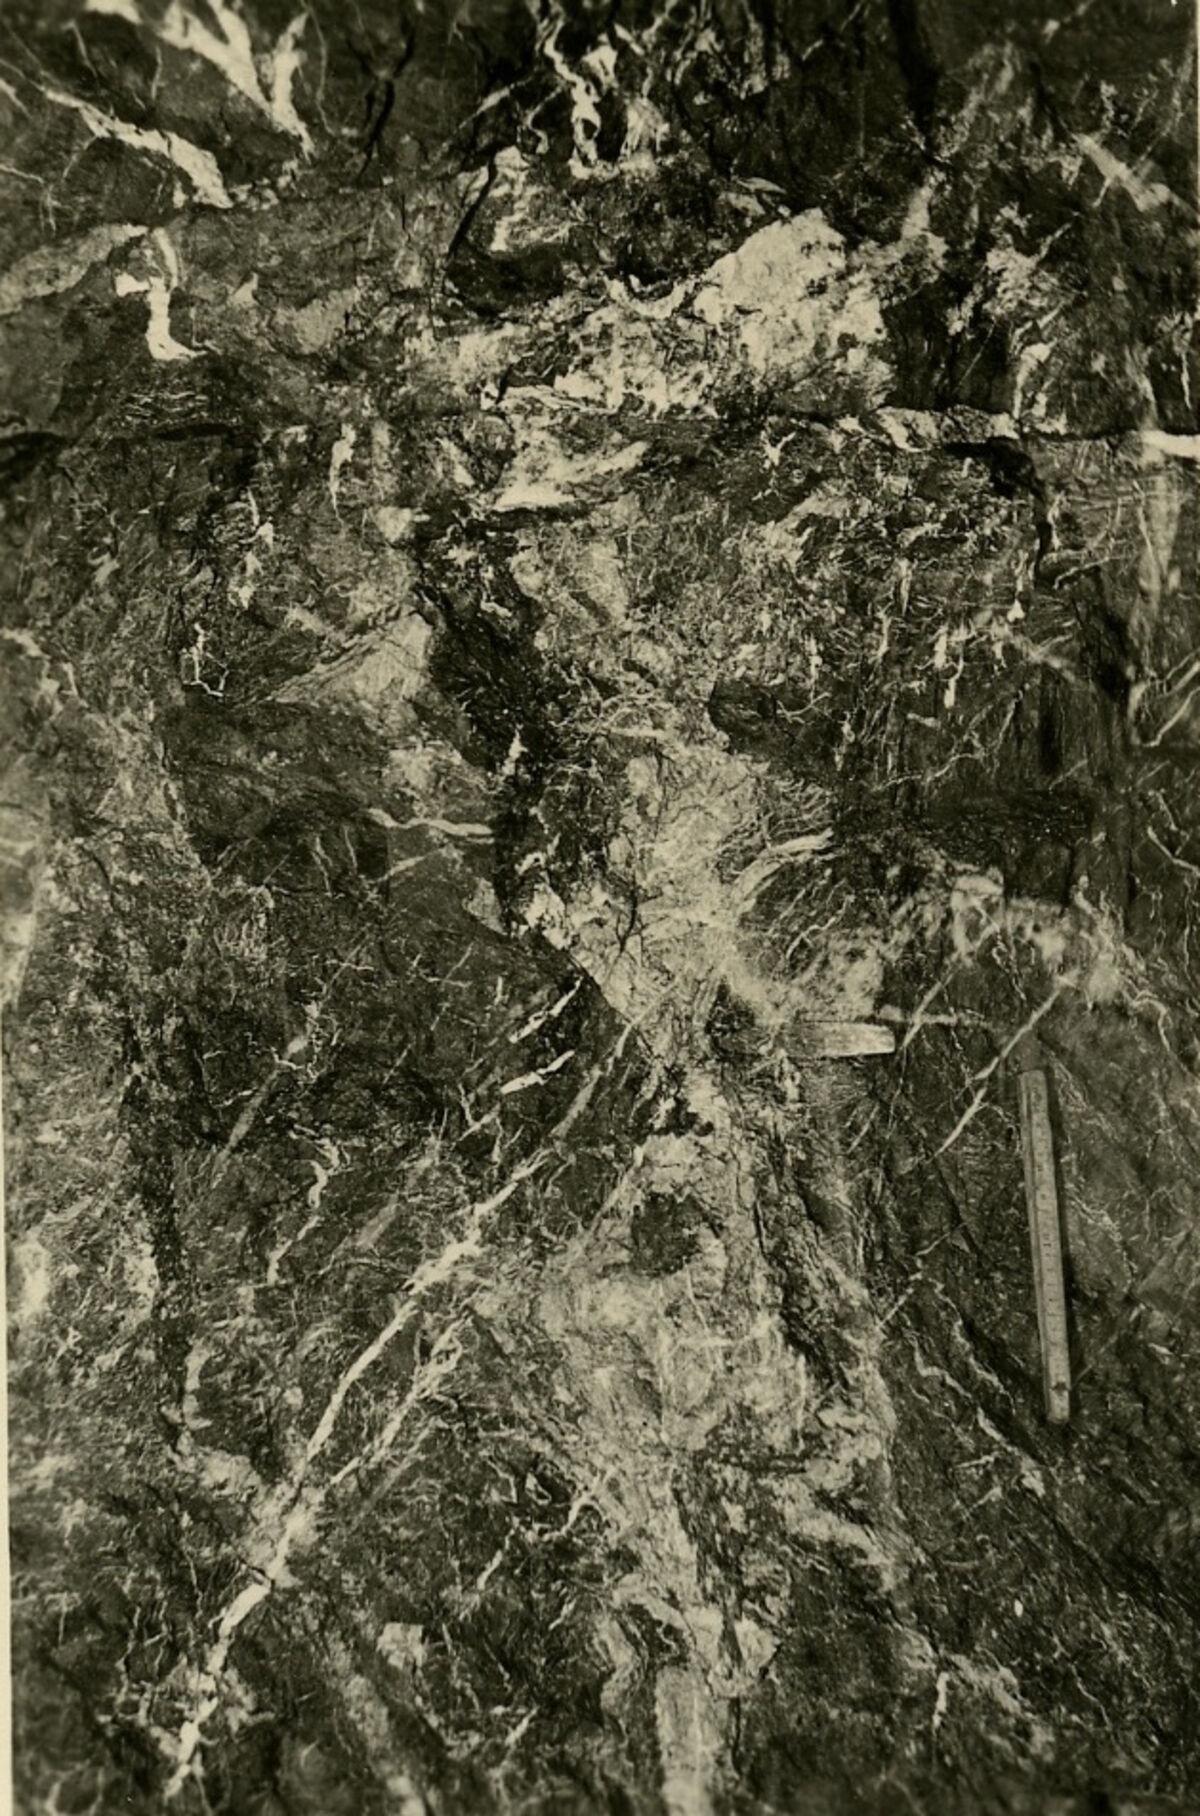 EBA 2/321.36: Gonzen, Bergwerksaufnahmen unter Tage